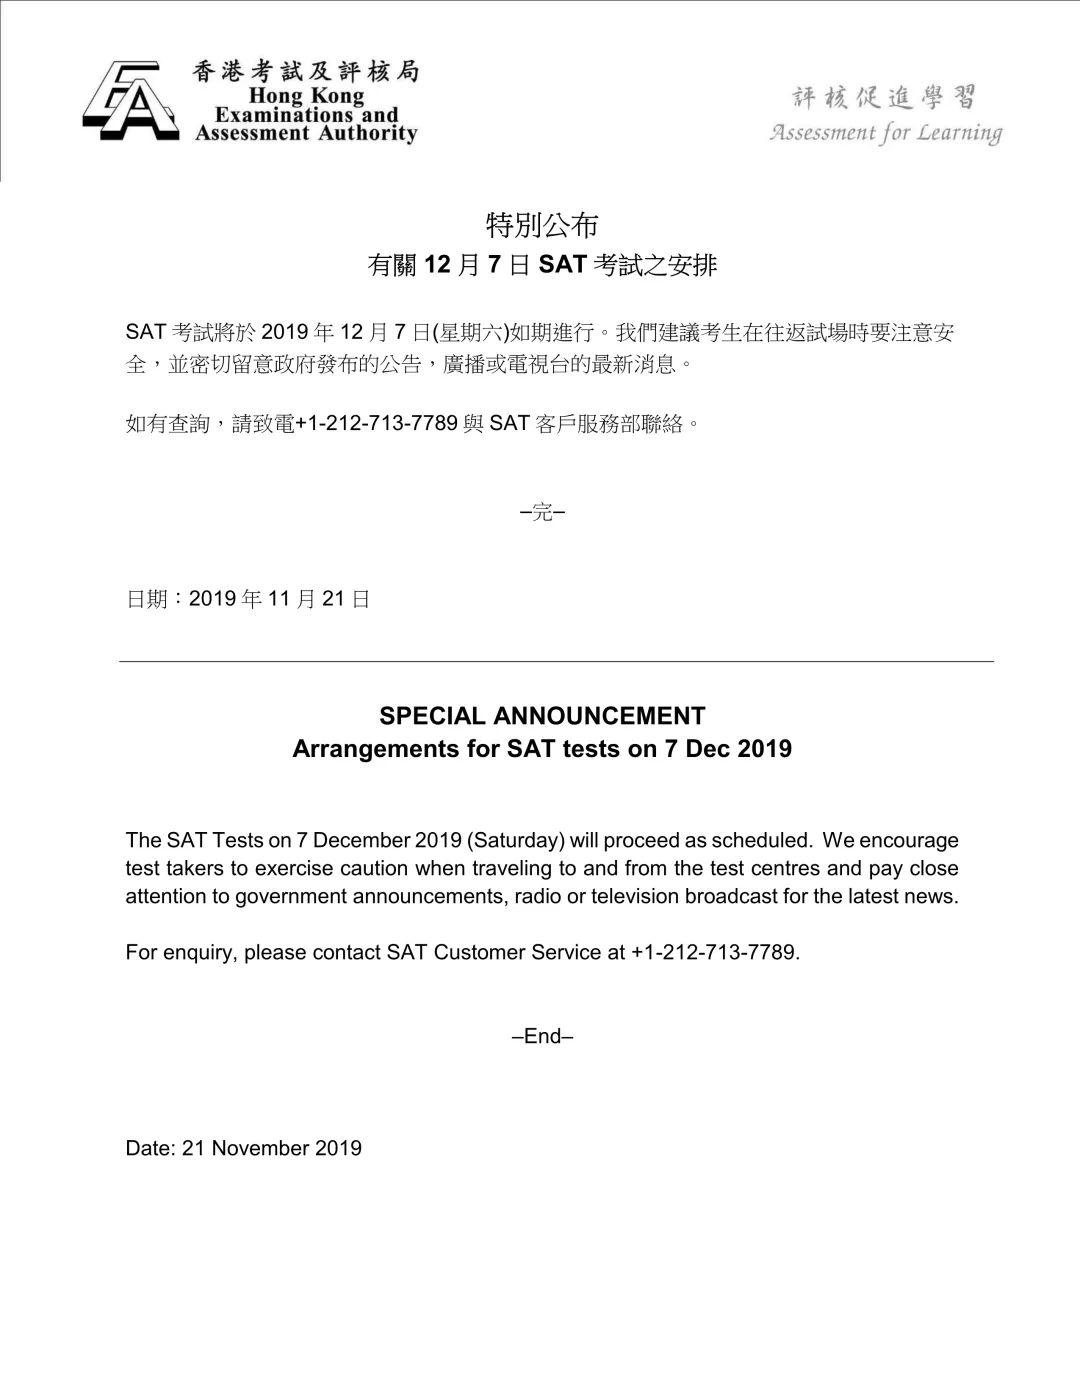 重大通知:12月7日香港SAT考试如期进行